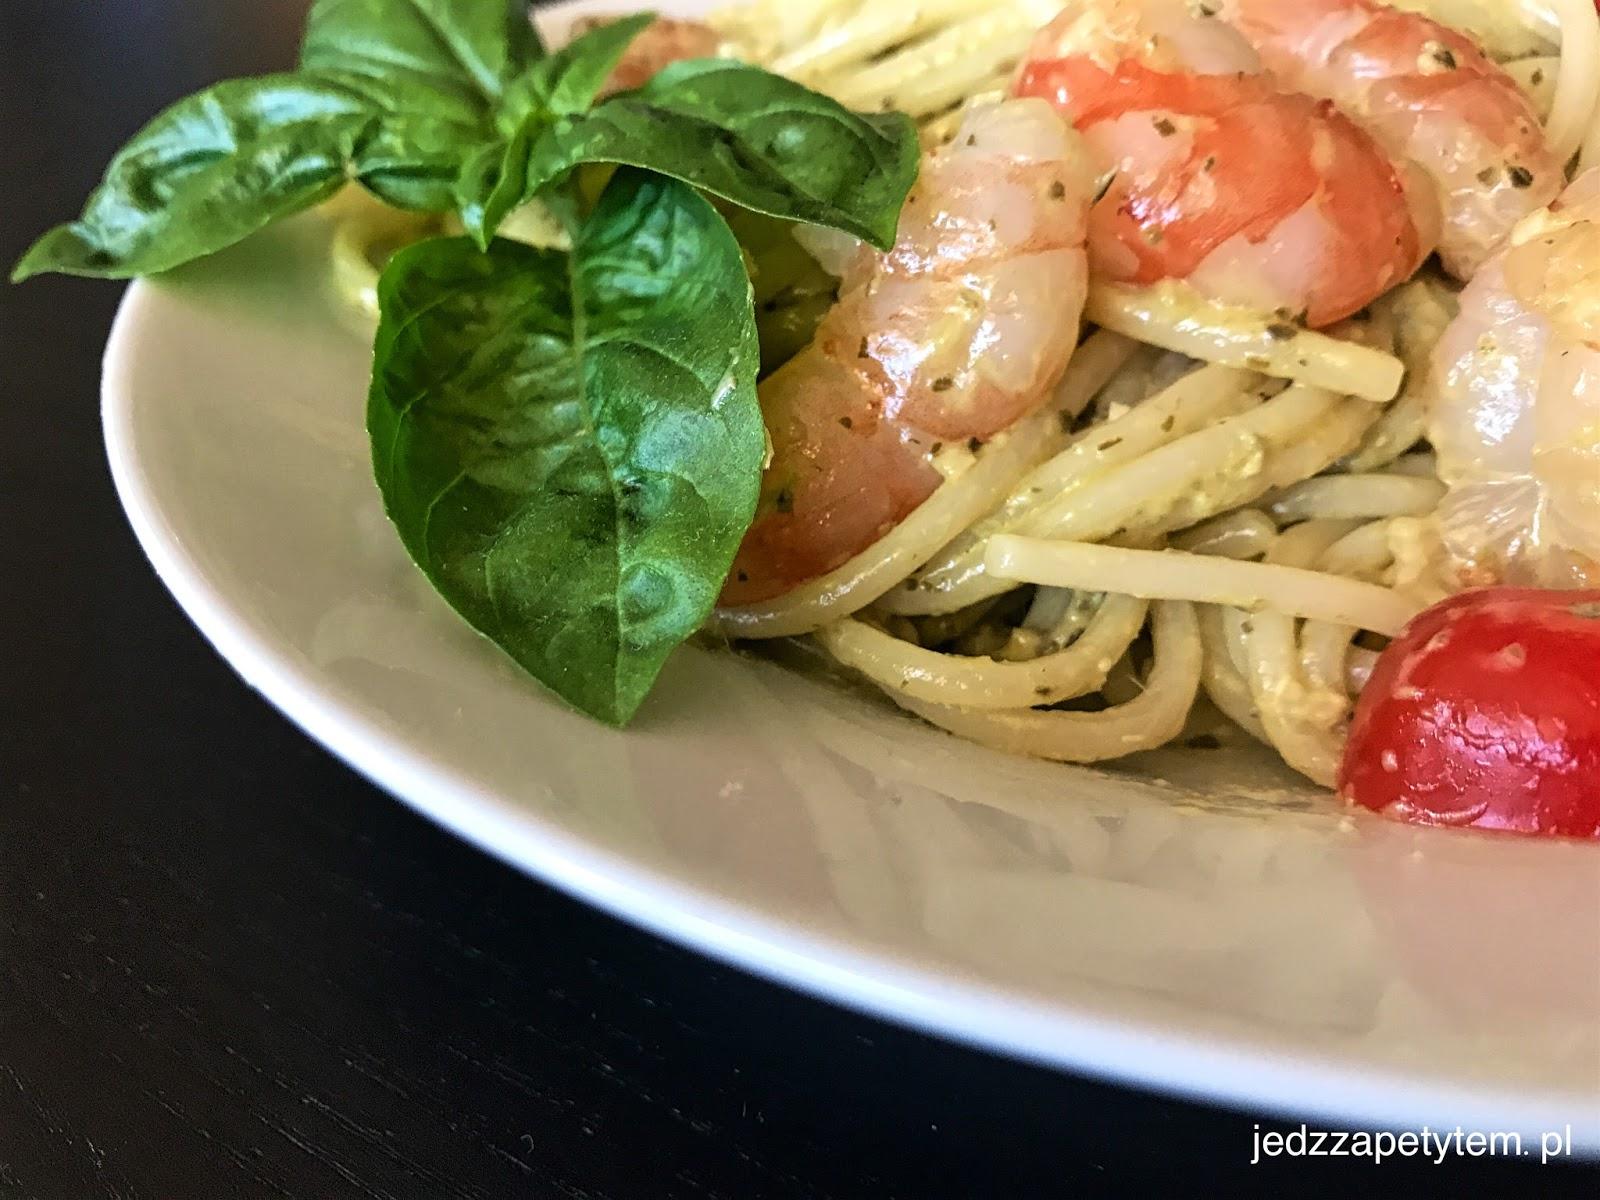 Spaghetti z krewetkami i pomidorkami koktajlowymi